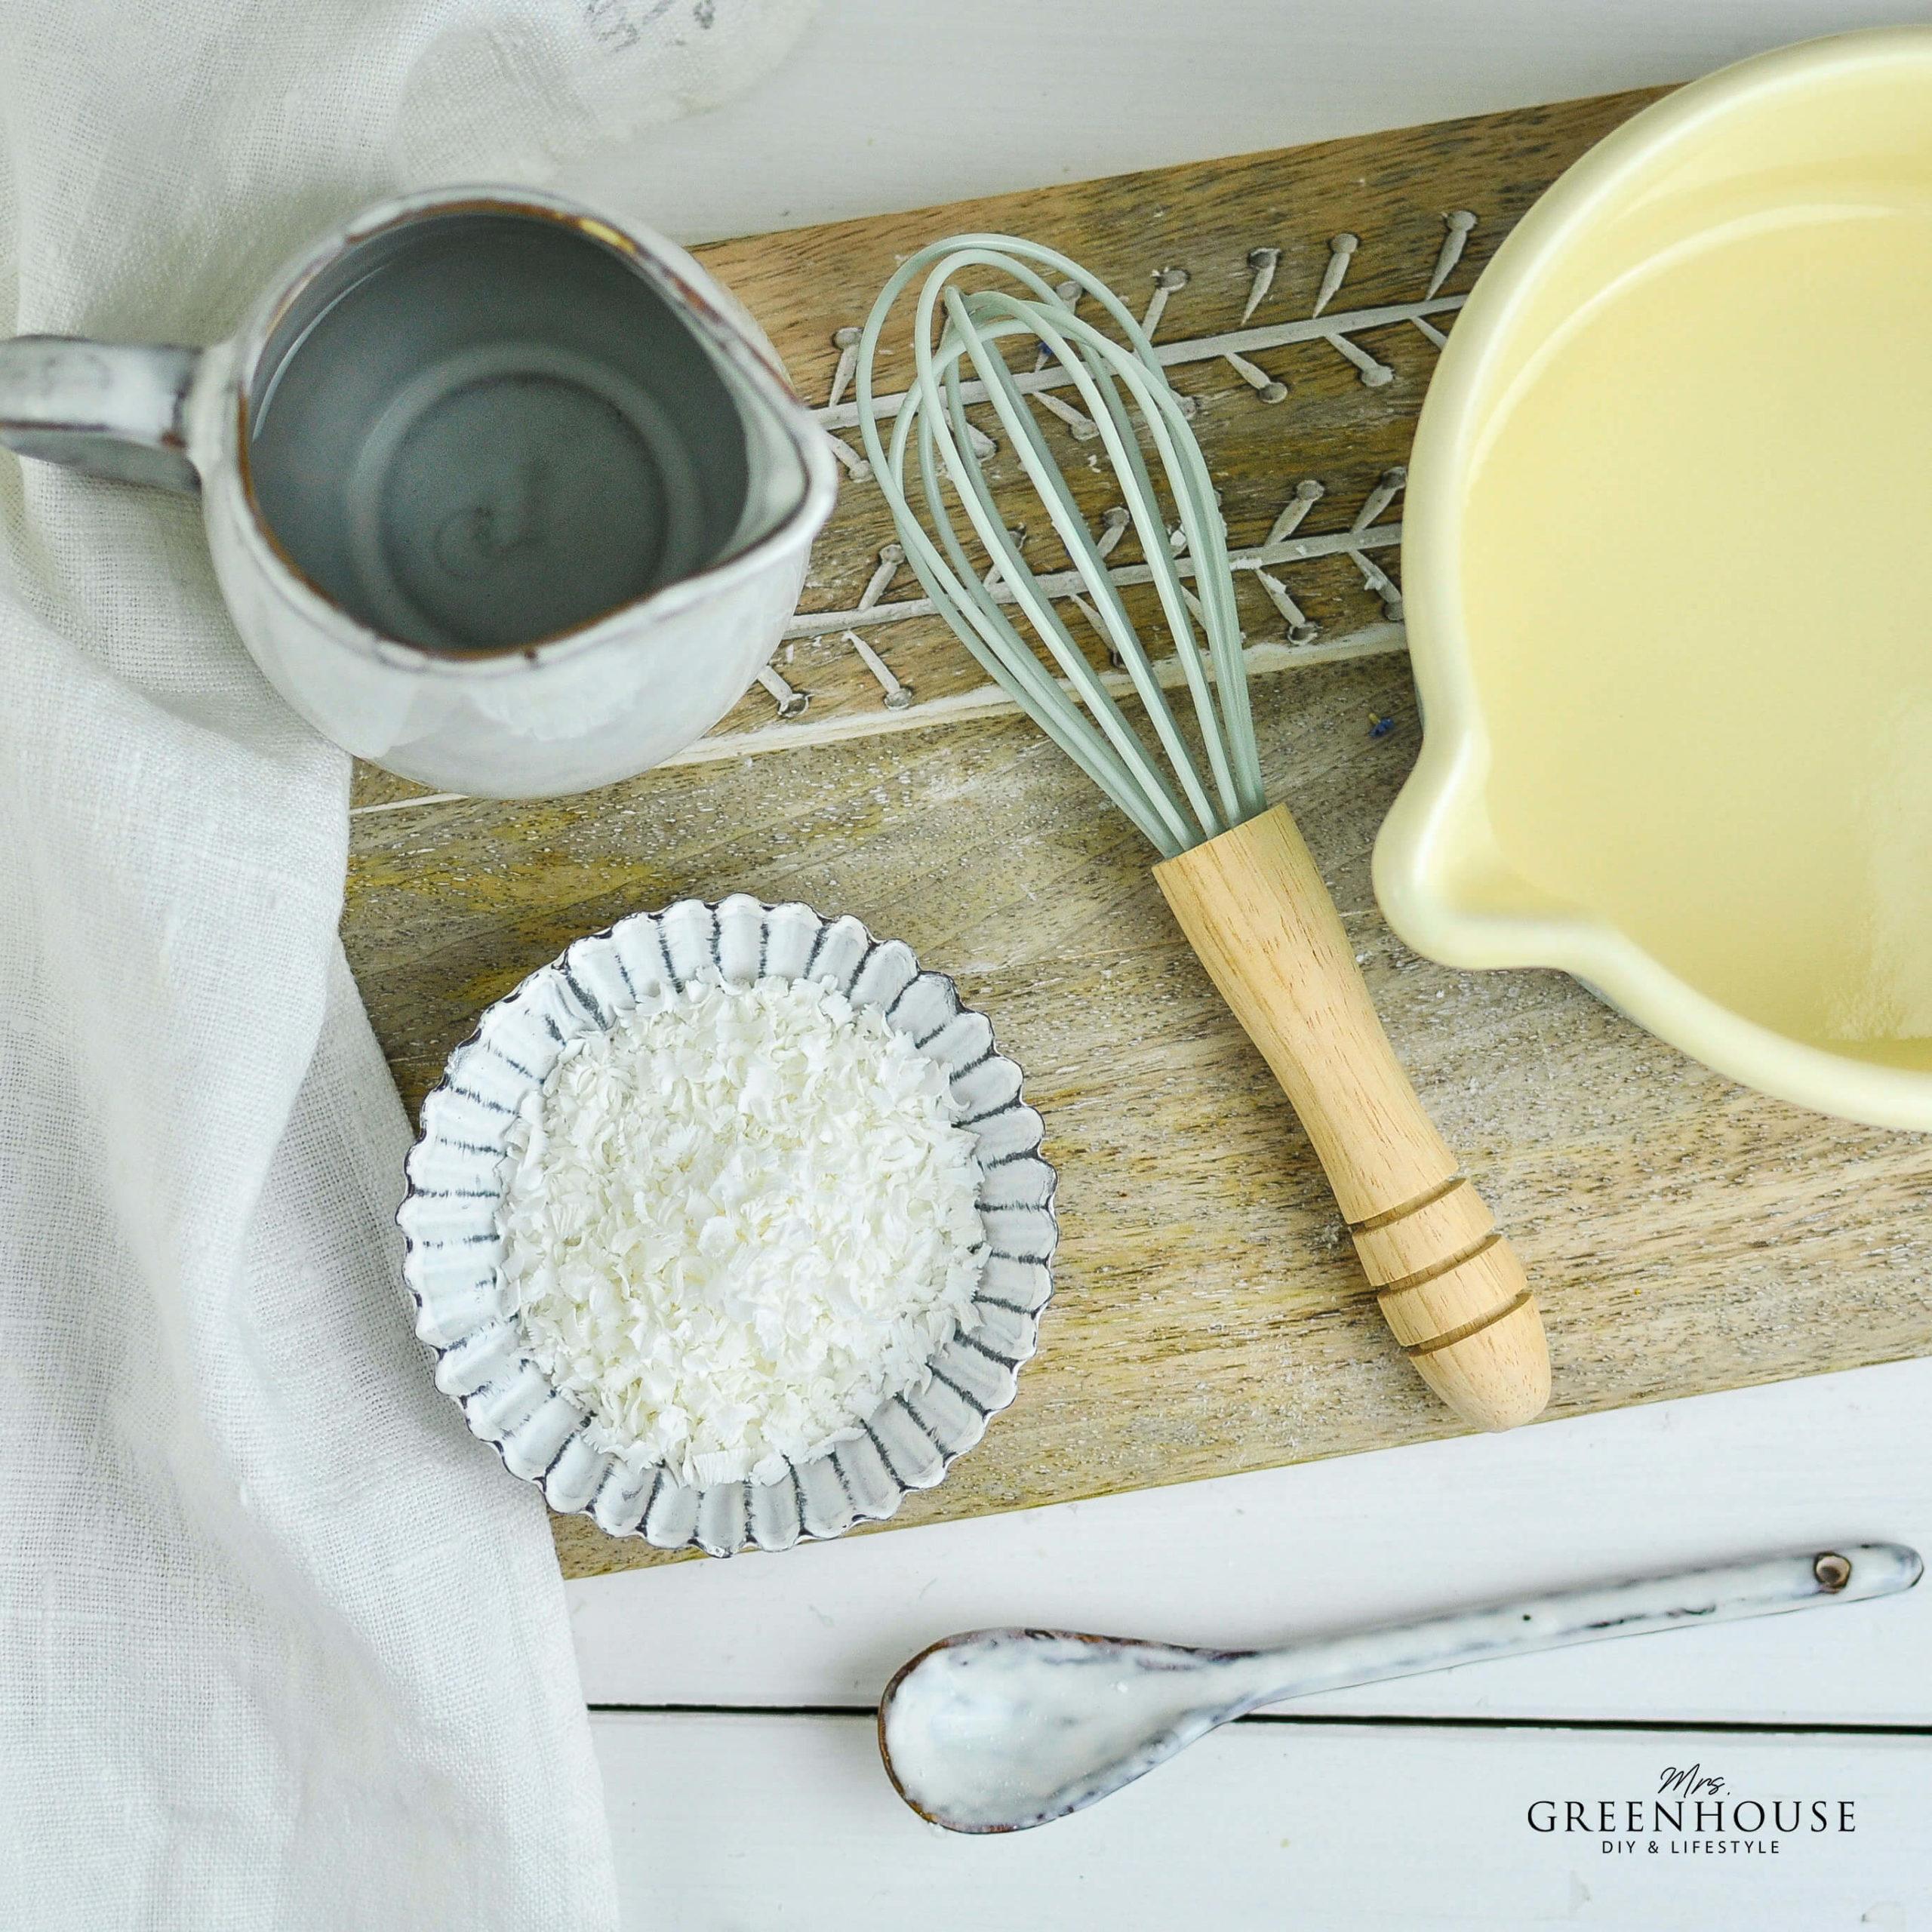 Flüssigseife Selbermachen mit Anleitung mrsgreenhouse